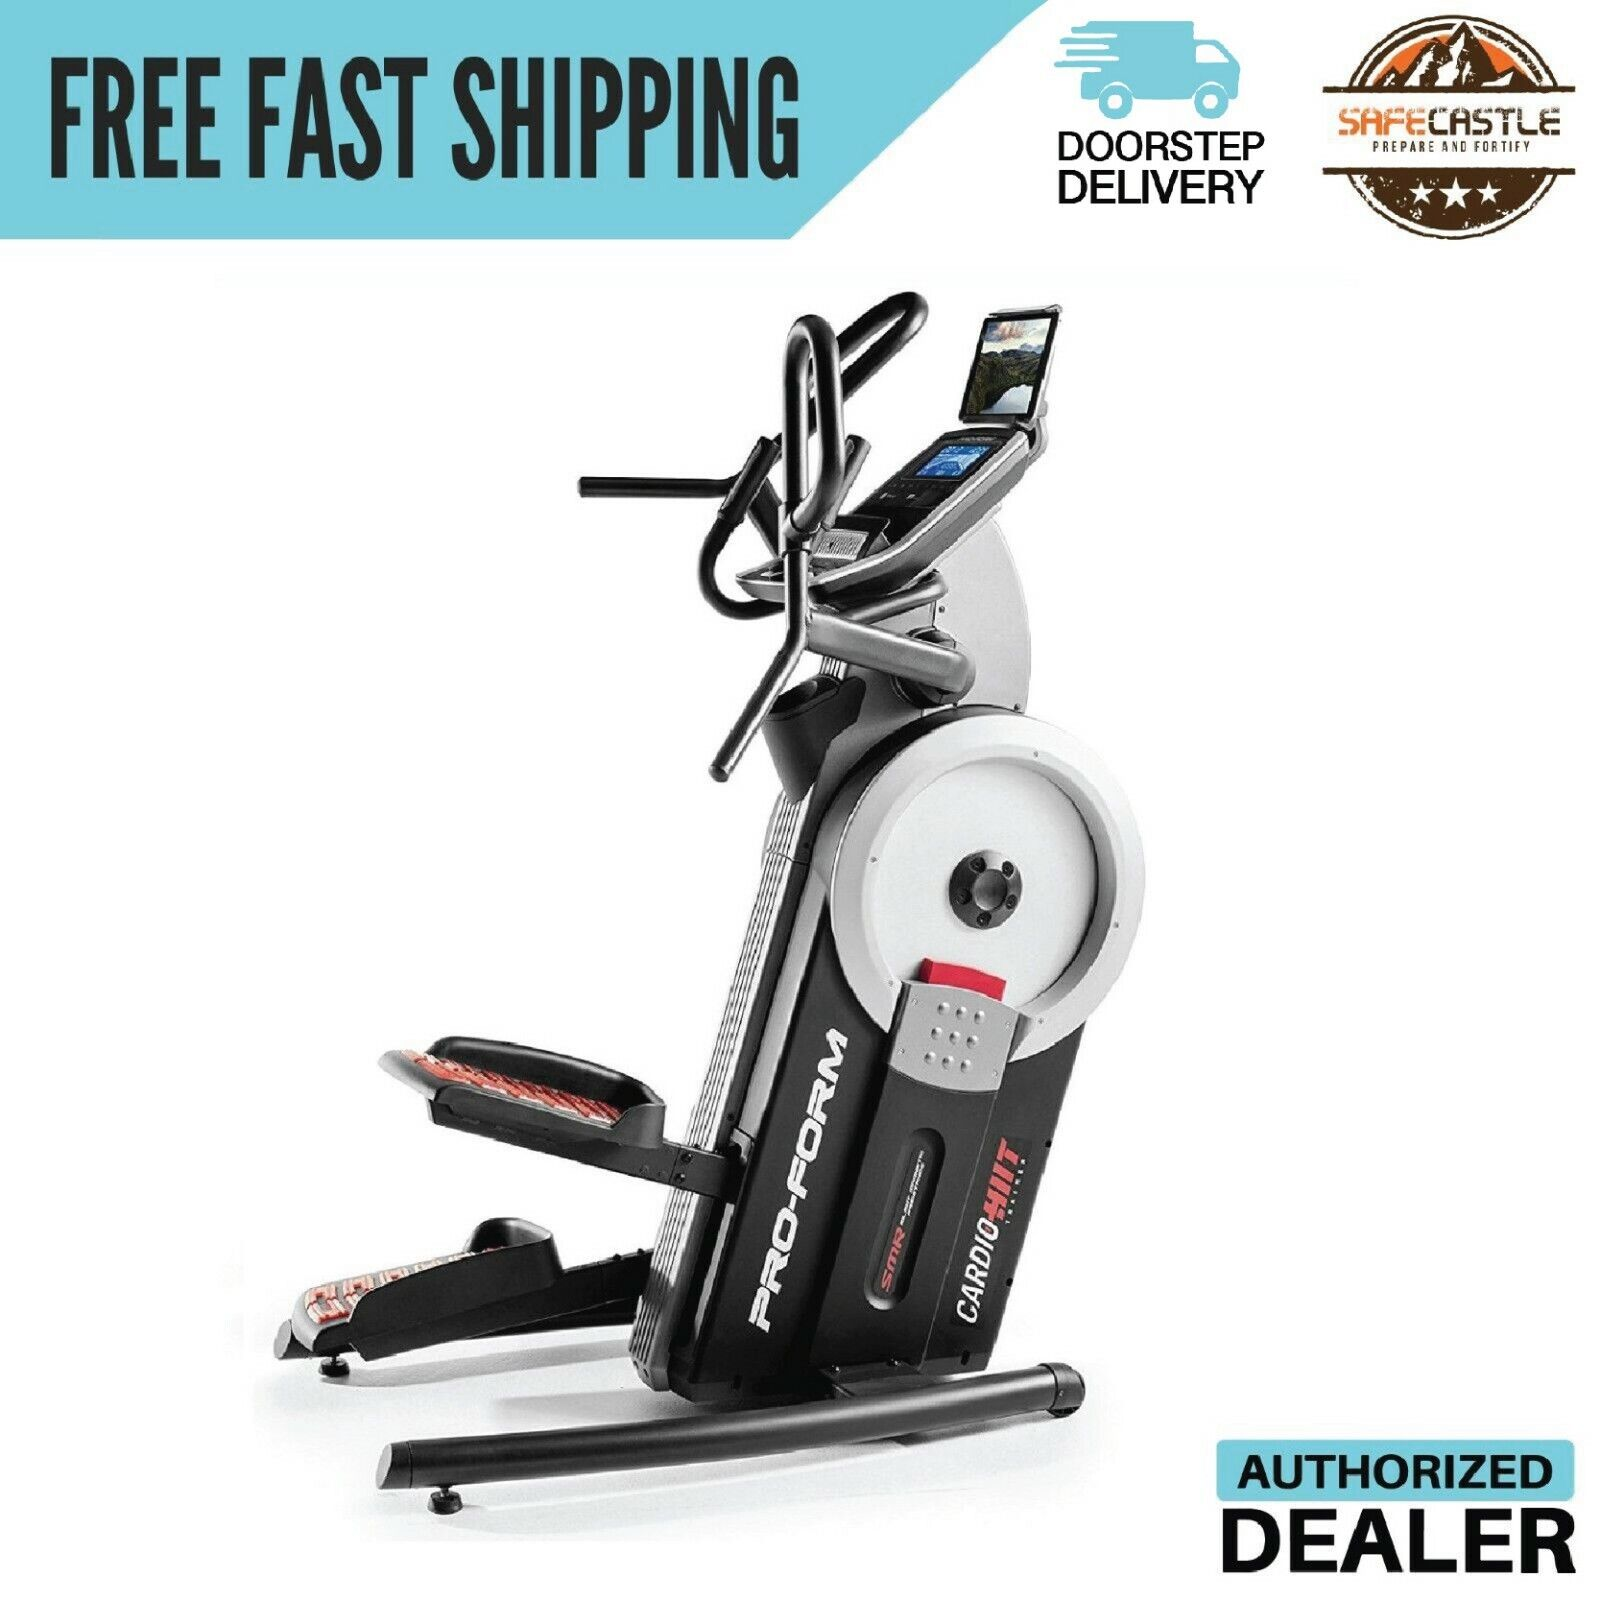 ProForm Cardio HIIT Elliptical Trainer, Exercise,PFEL09915,